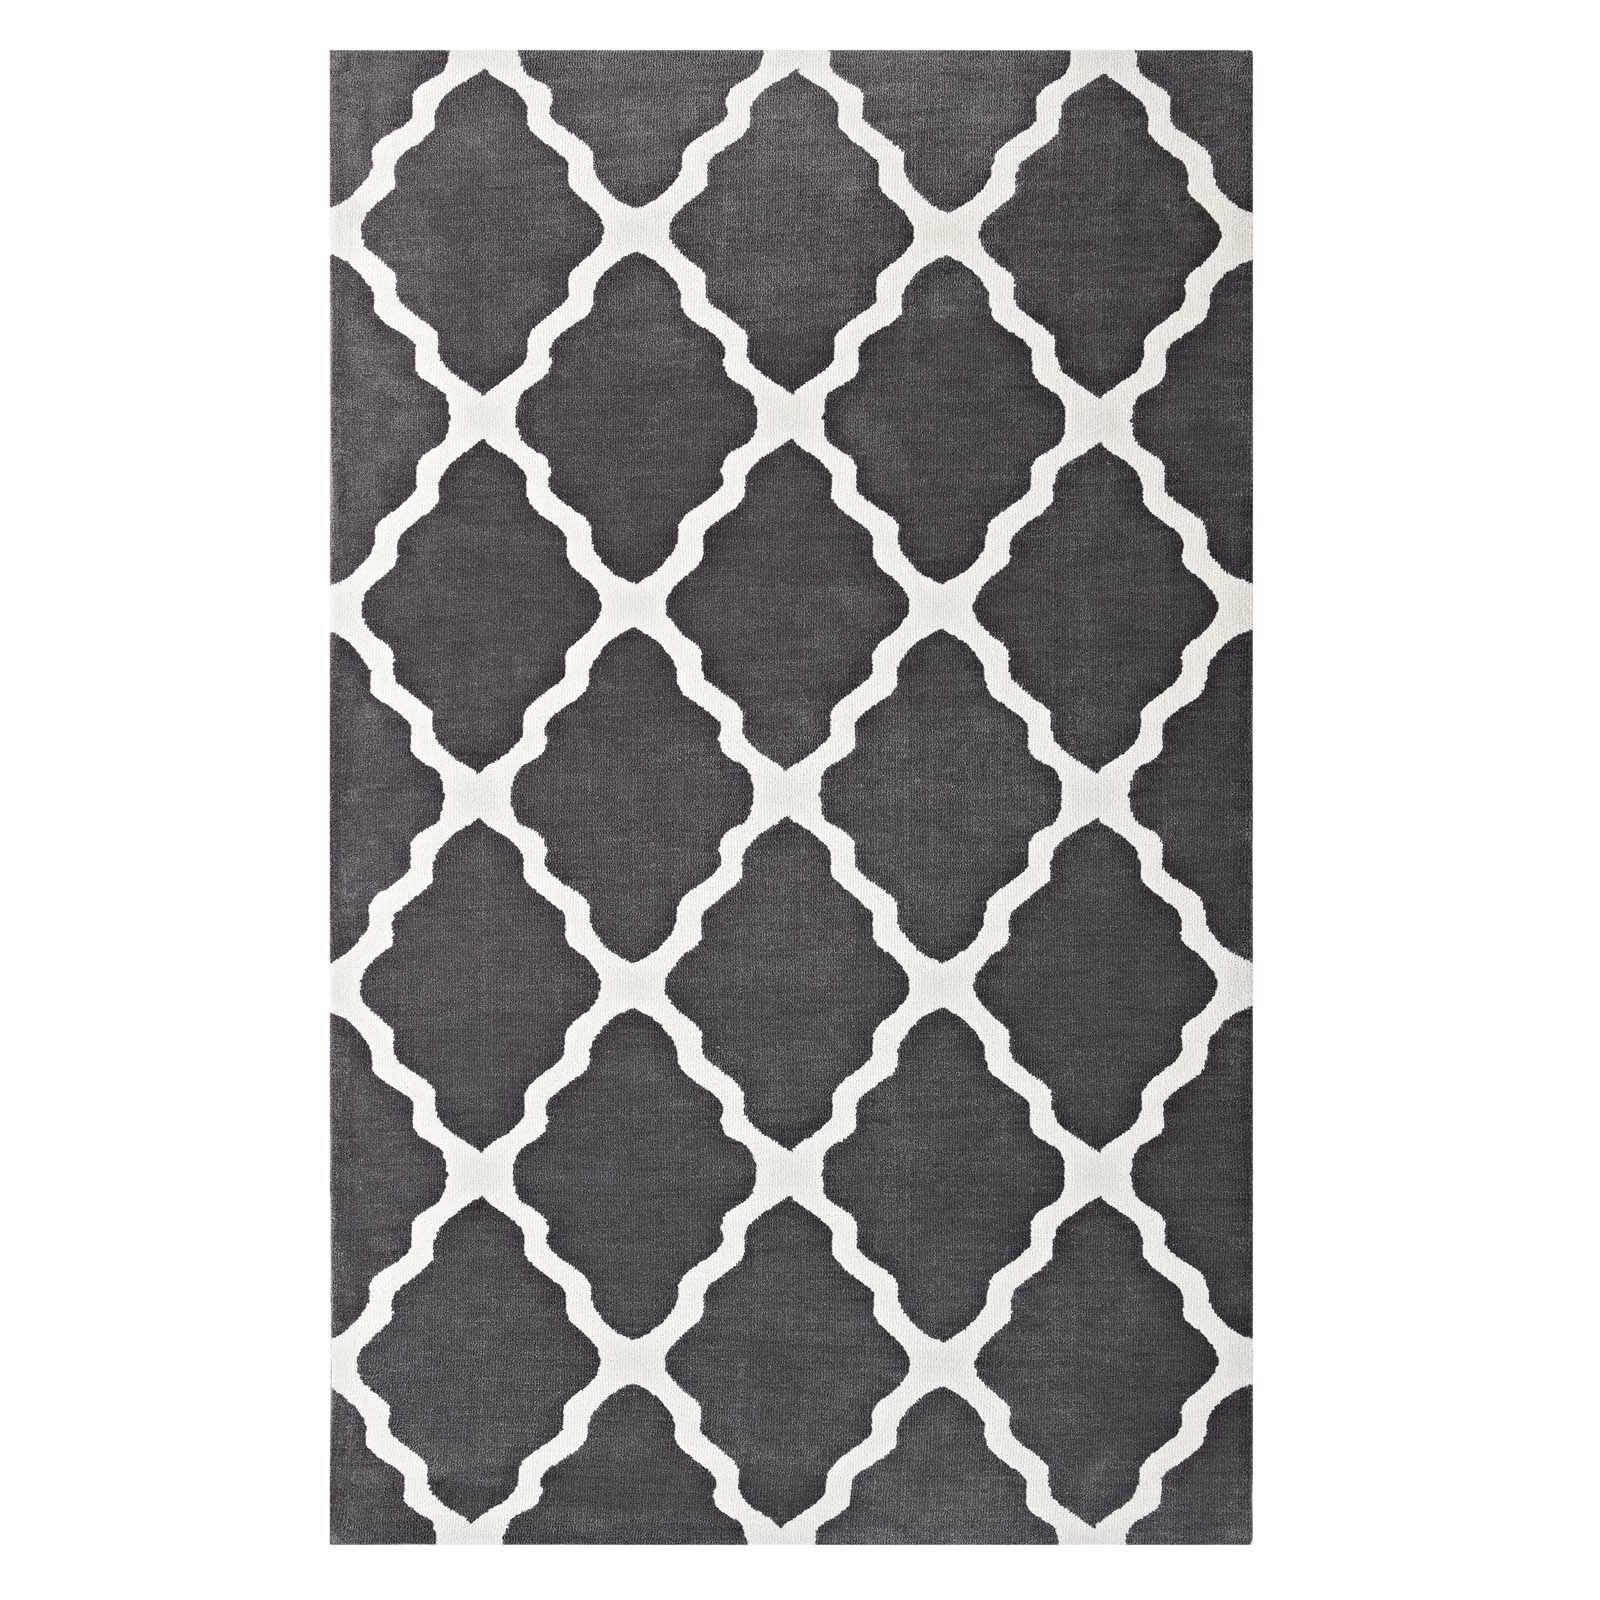 Tylersburg Moroccan Trellis Charcoal/Ivory Area Rug Rug Size: Rectangle 8' x 10'